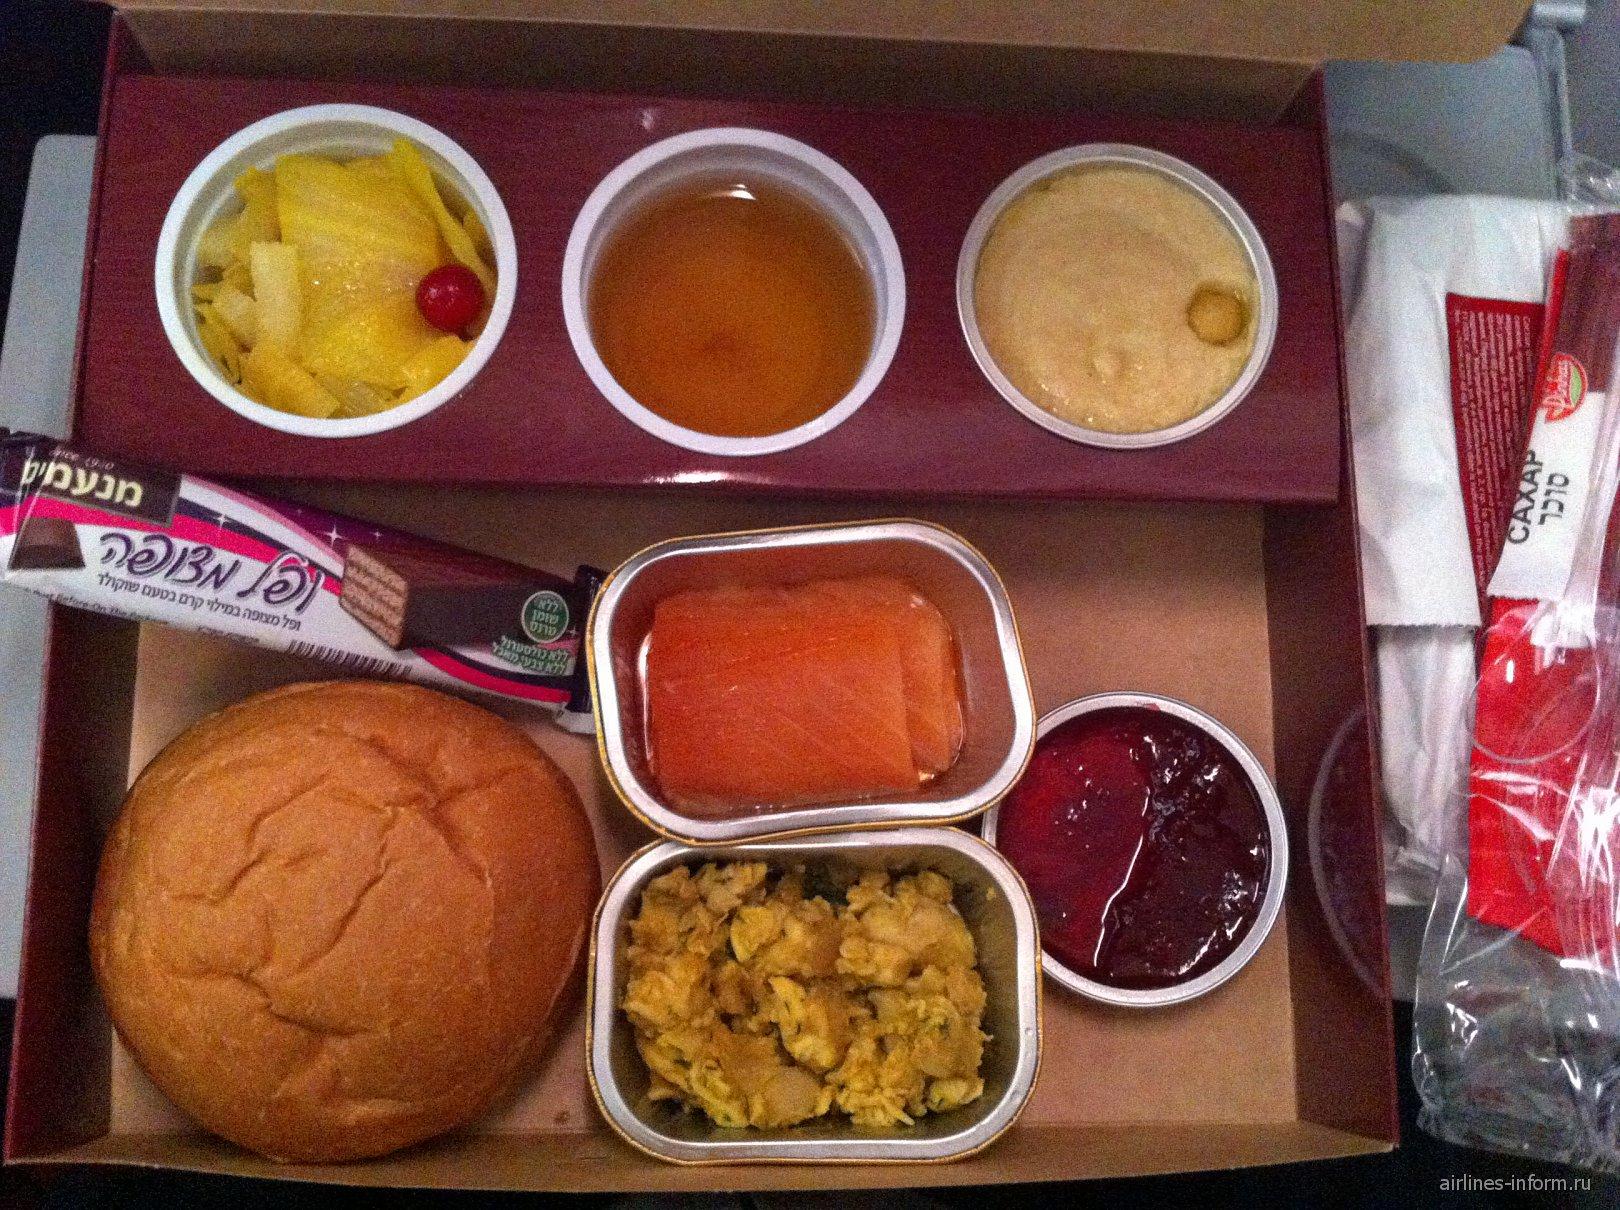 Кошерное питание на рейсе Аэрофлота Москва-Улан-Удэ